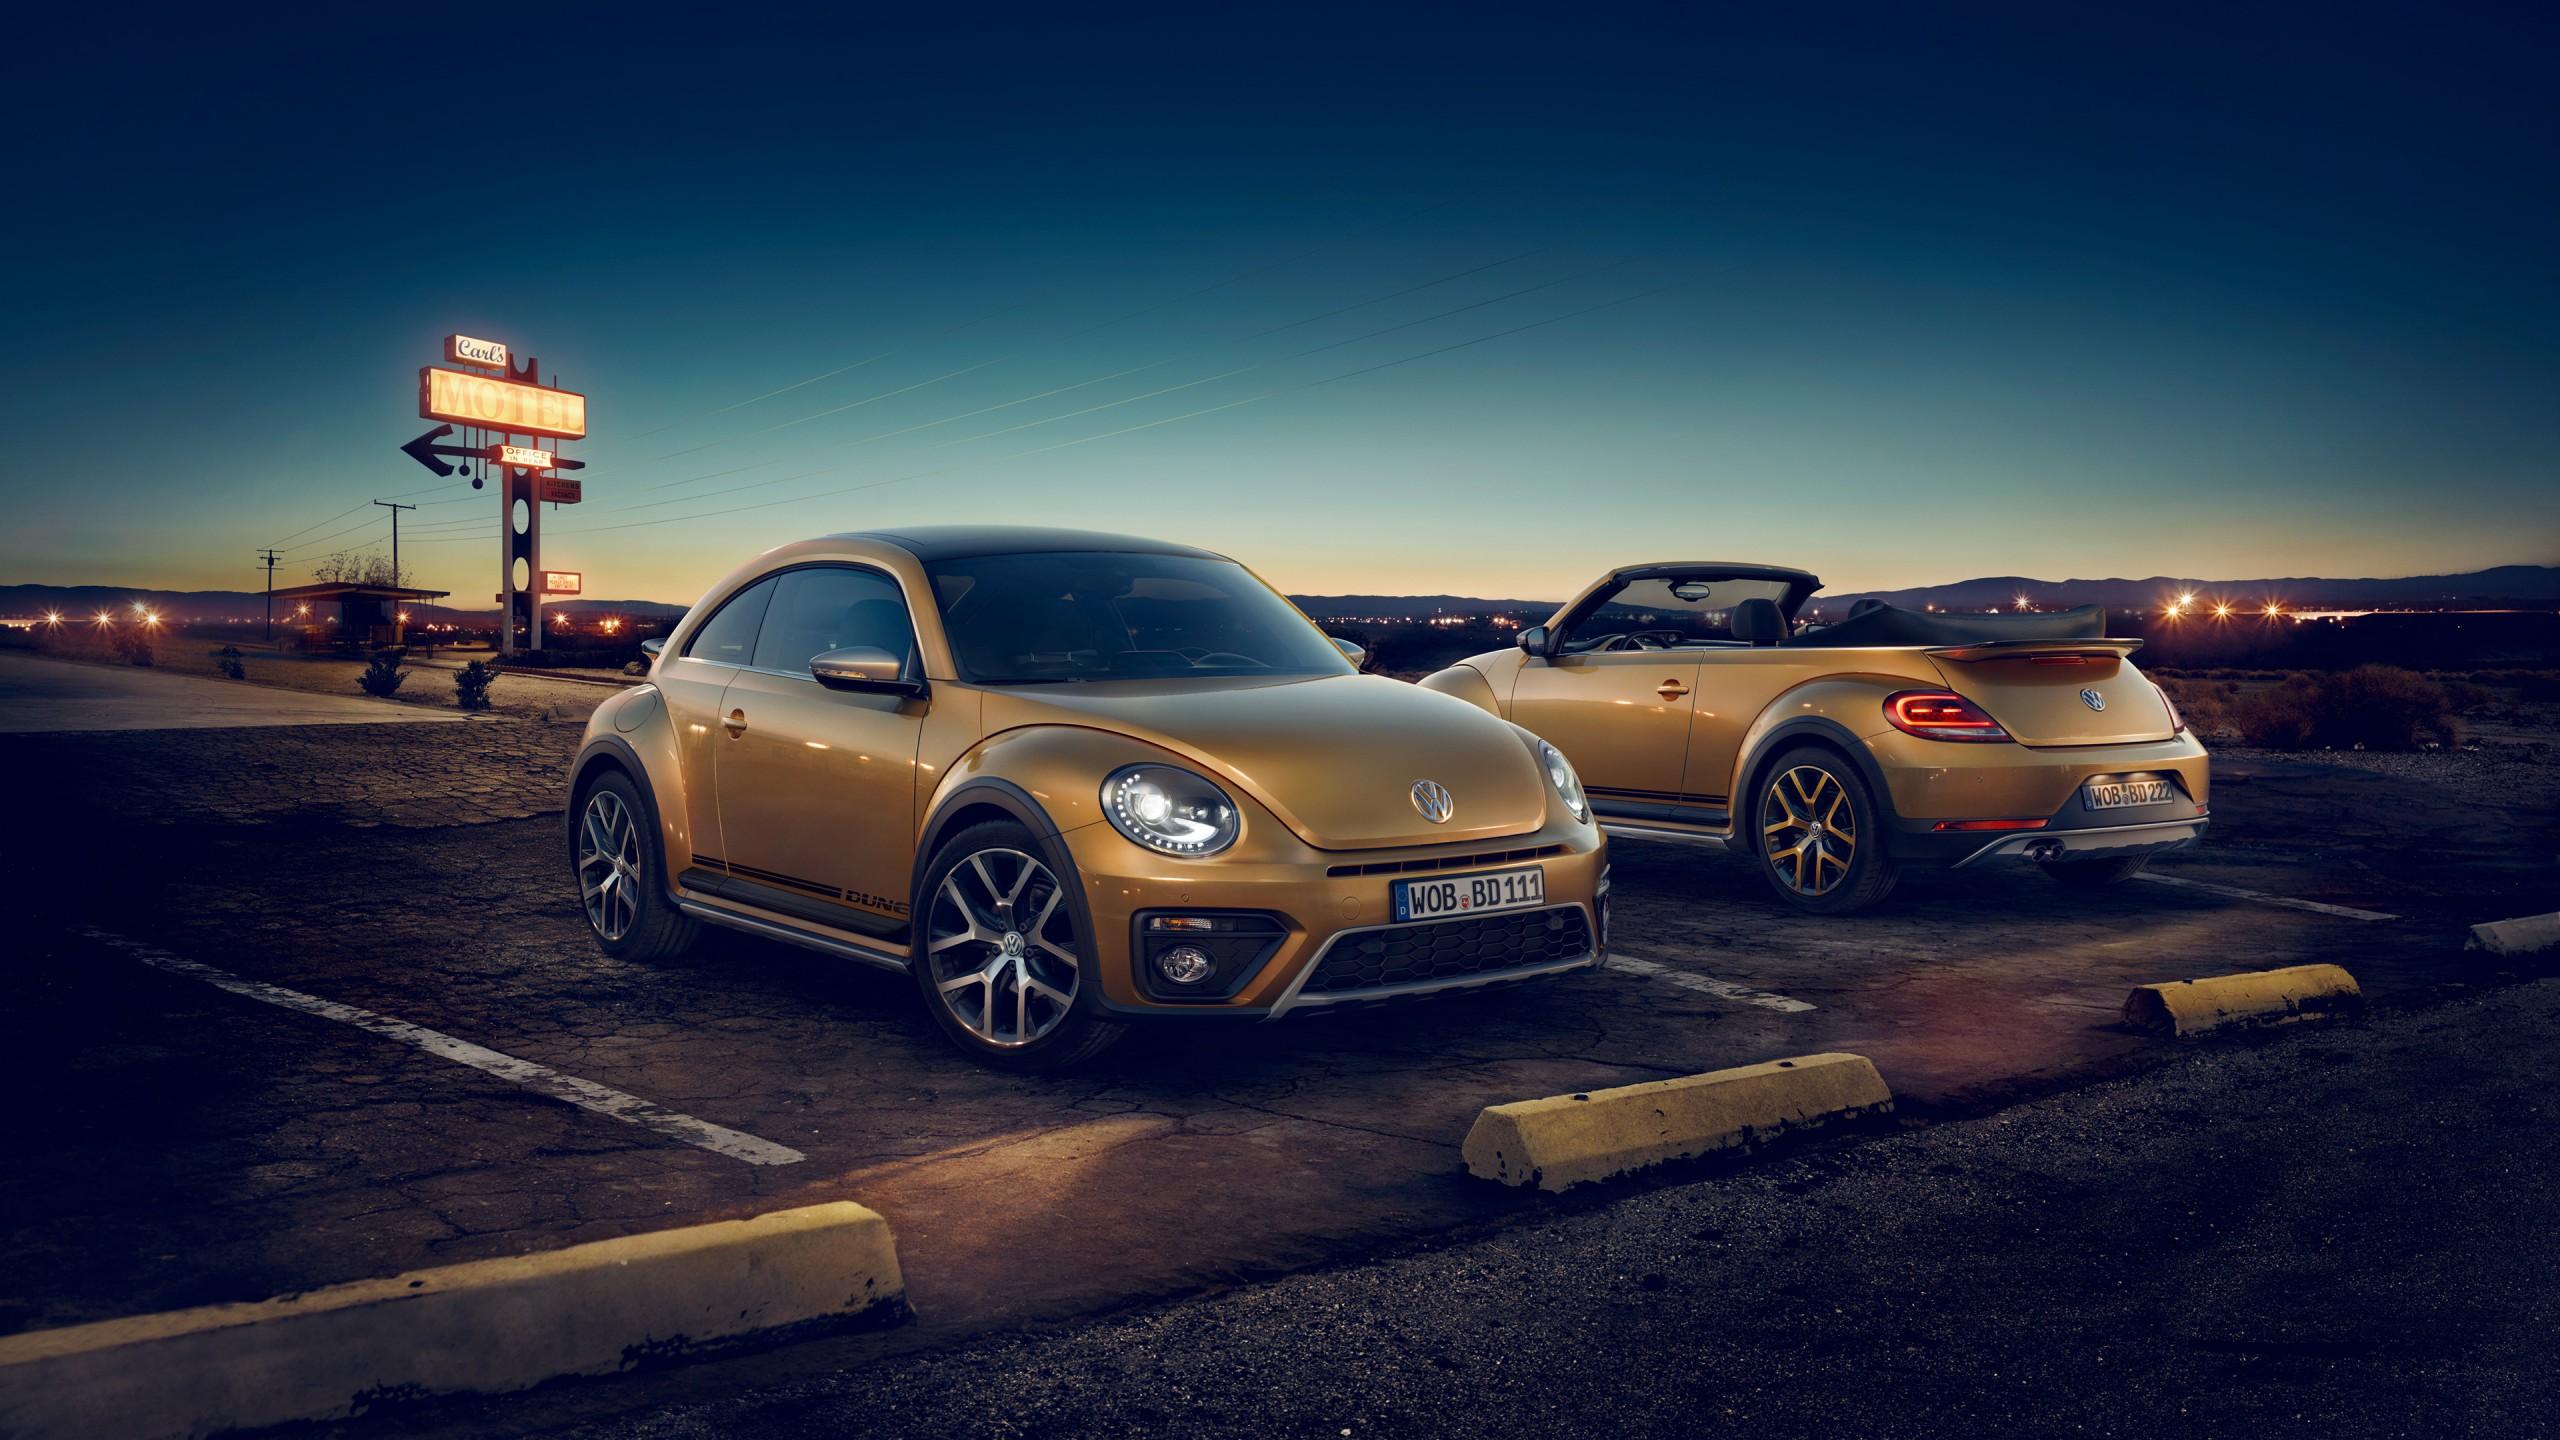 Volkswagen Beetle Dune 4K 2 Wallpaper   HD Car Wallpapers ...